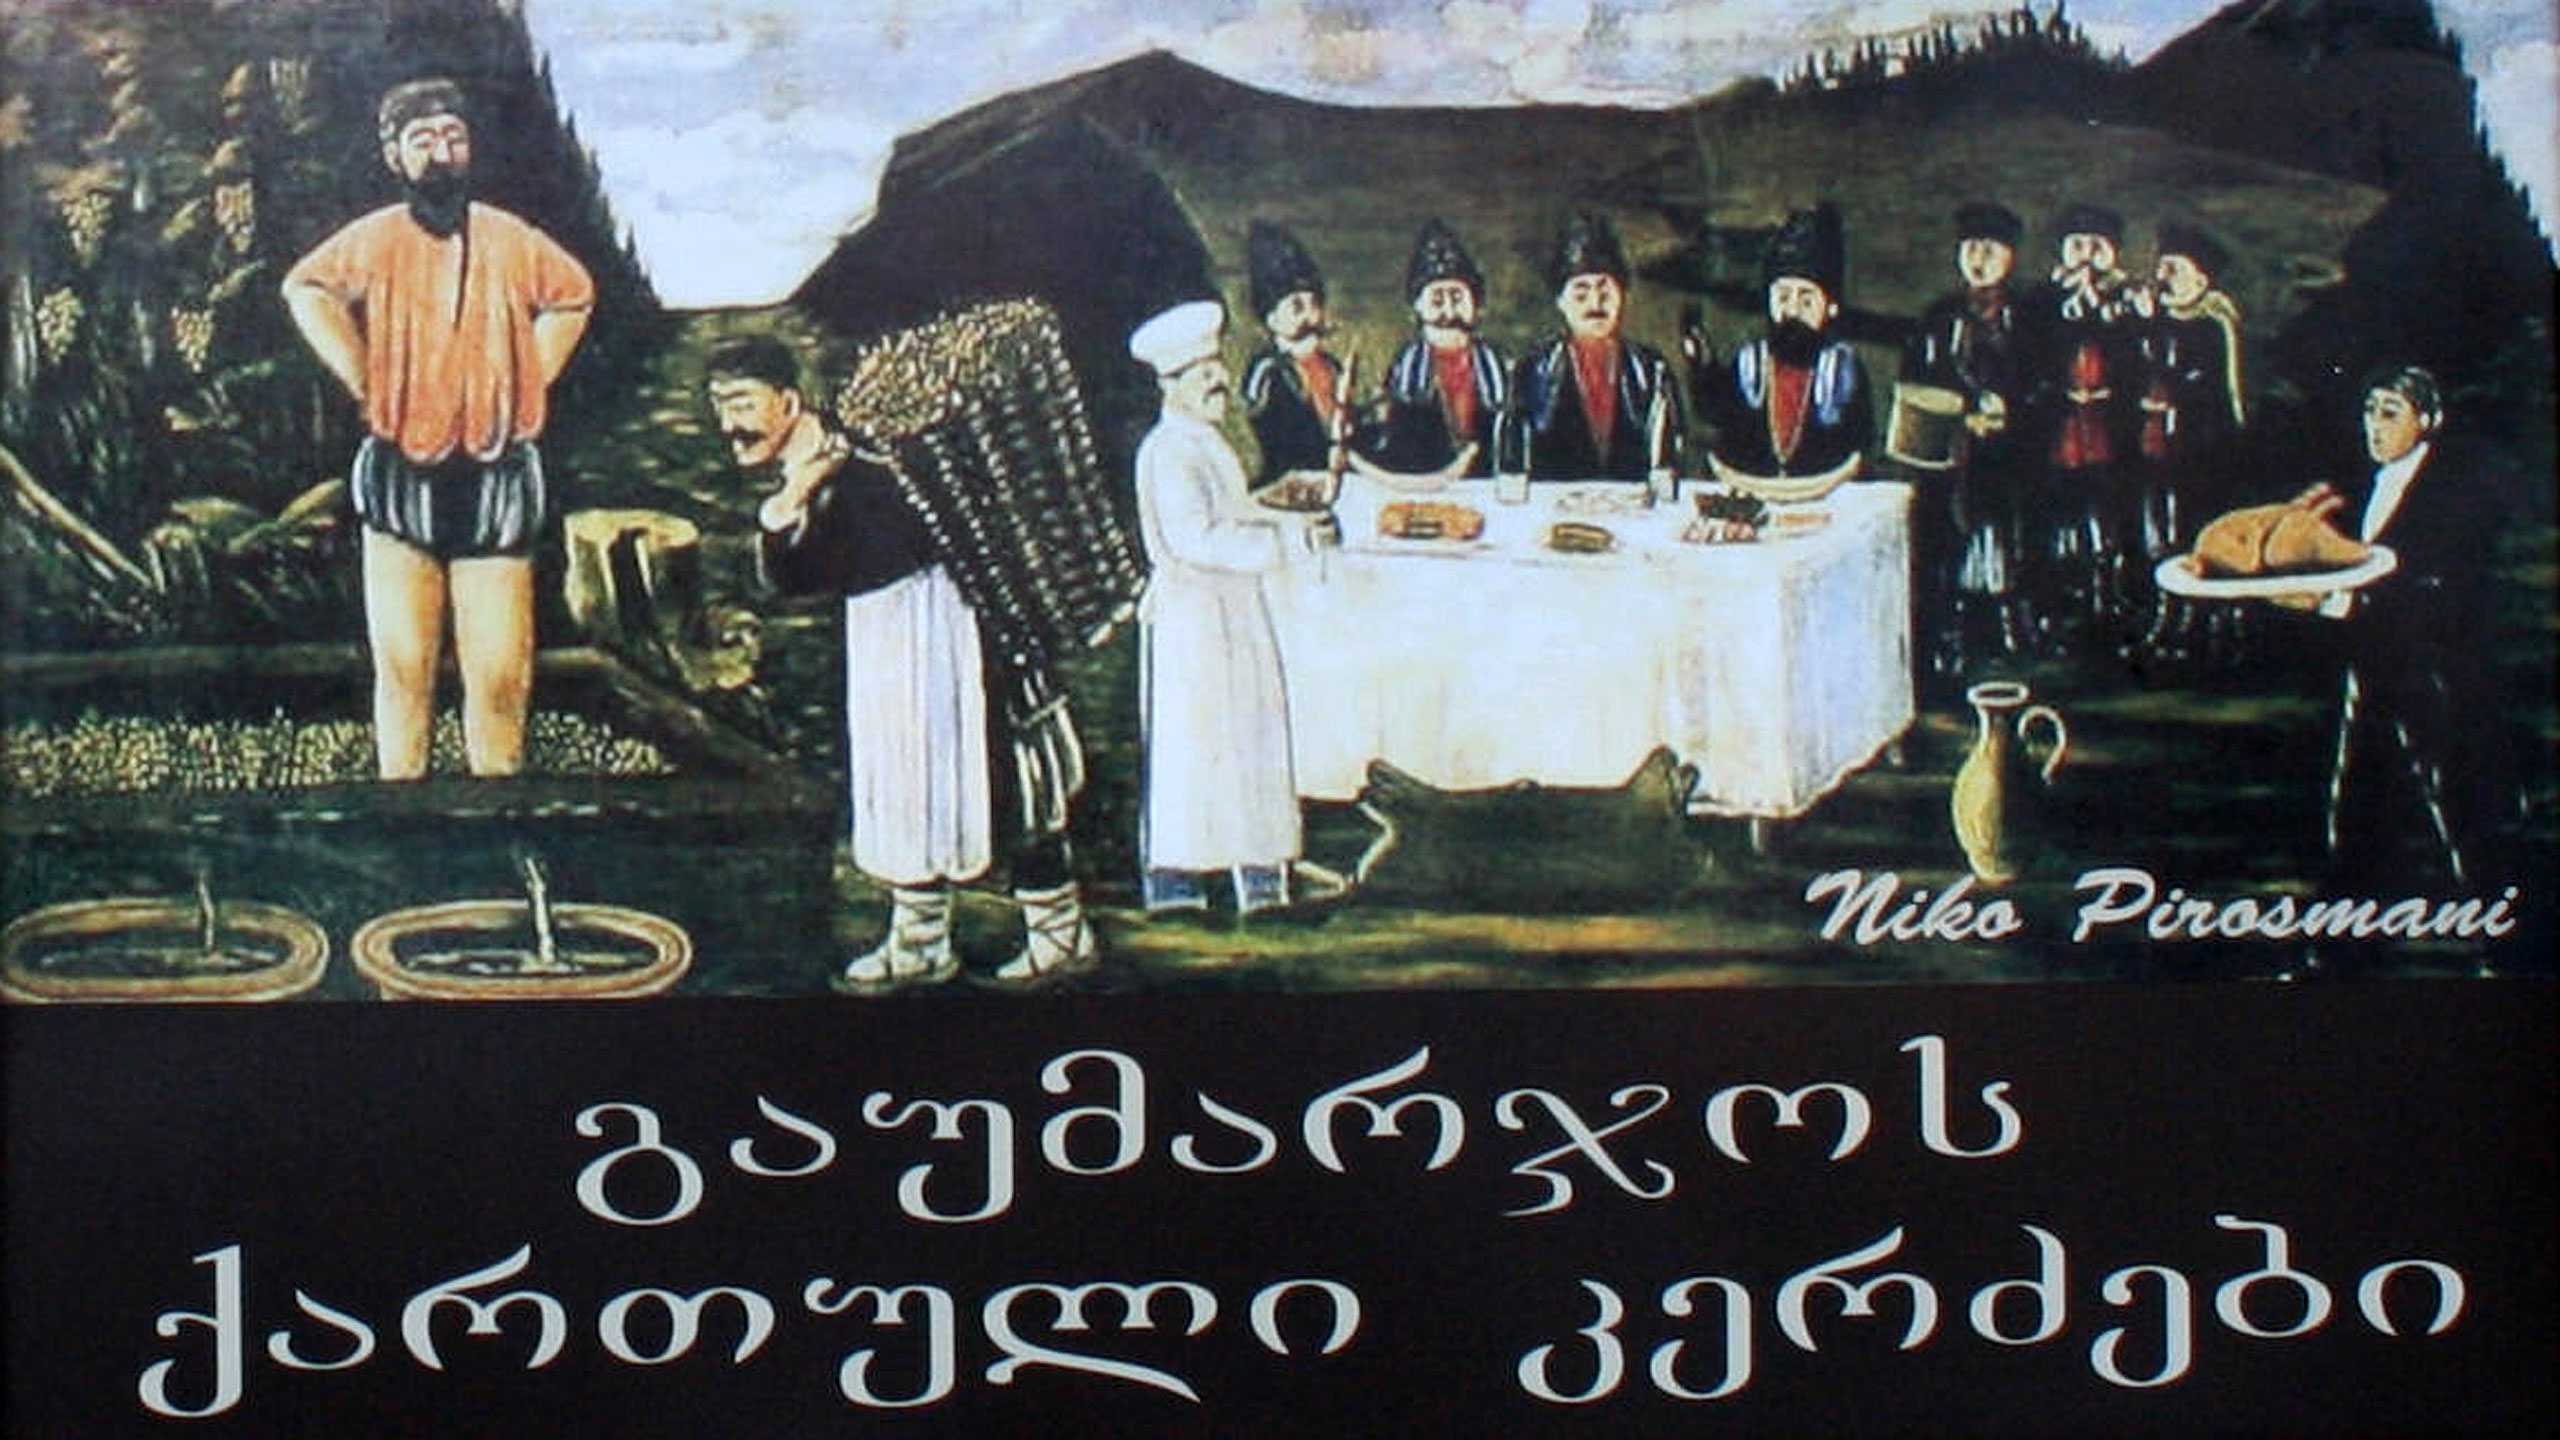 Pirosmani – gruziński Nikifor